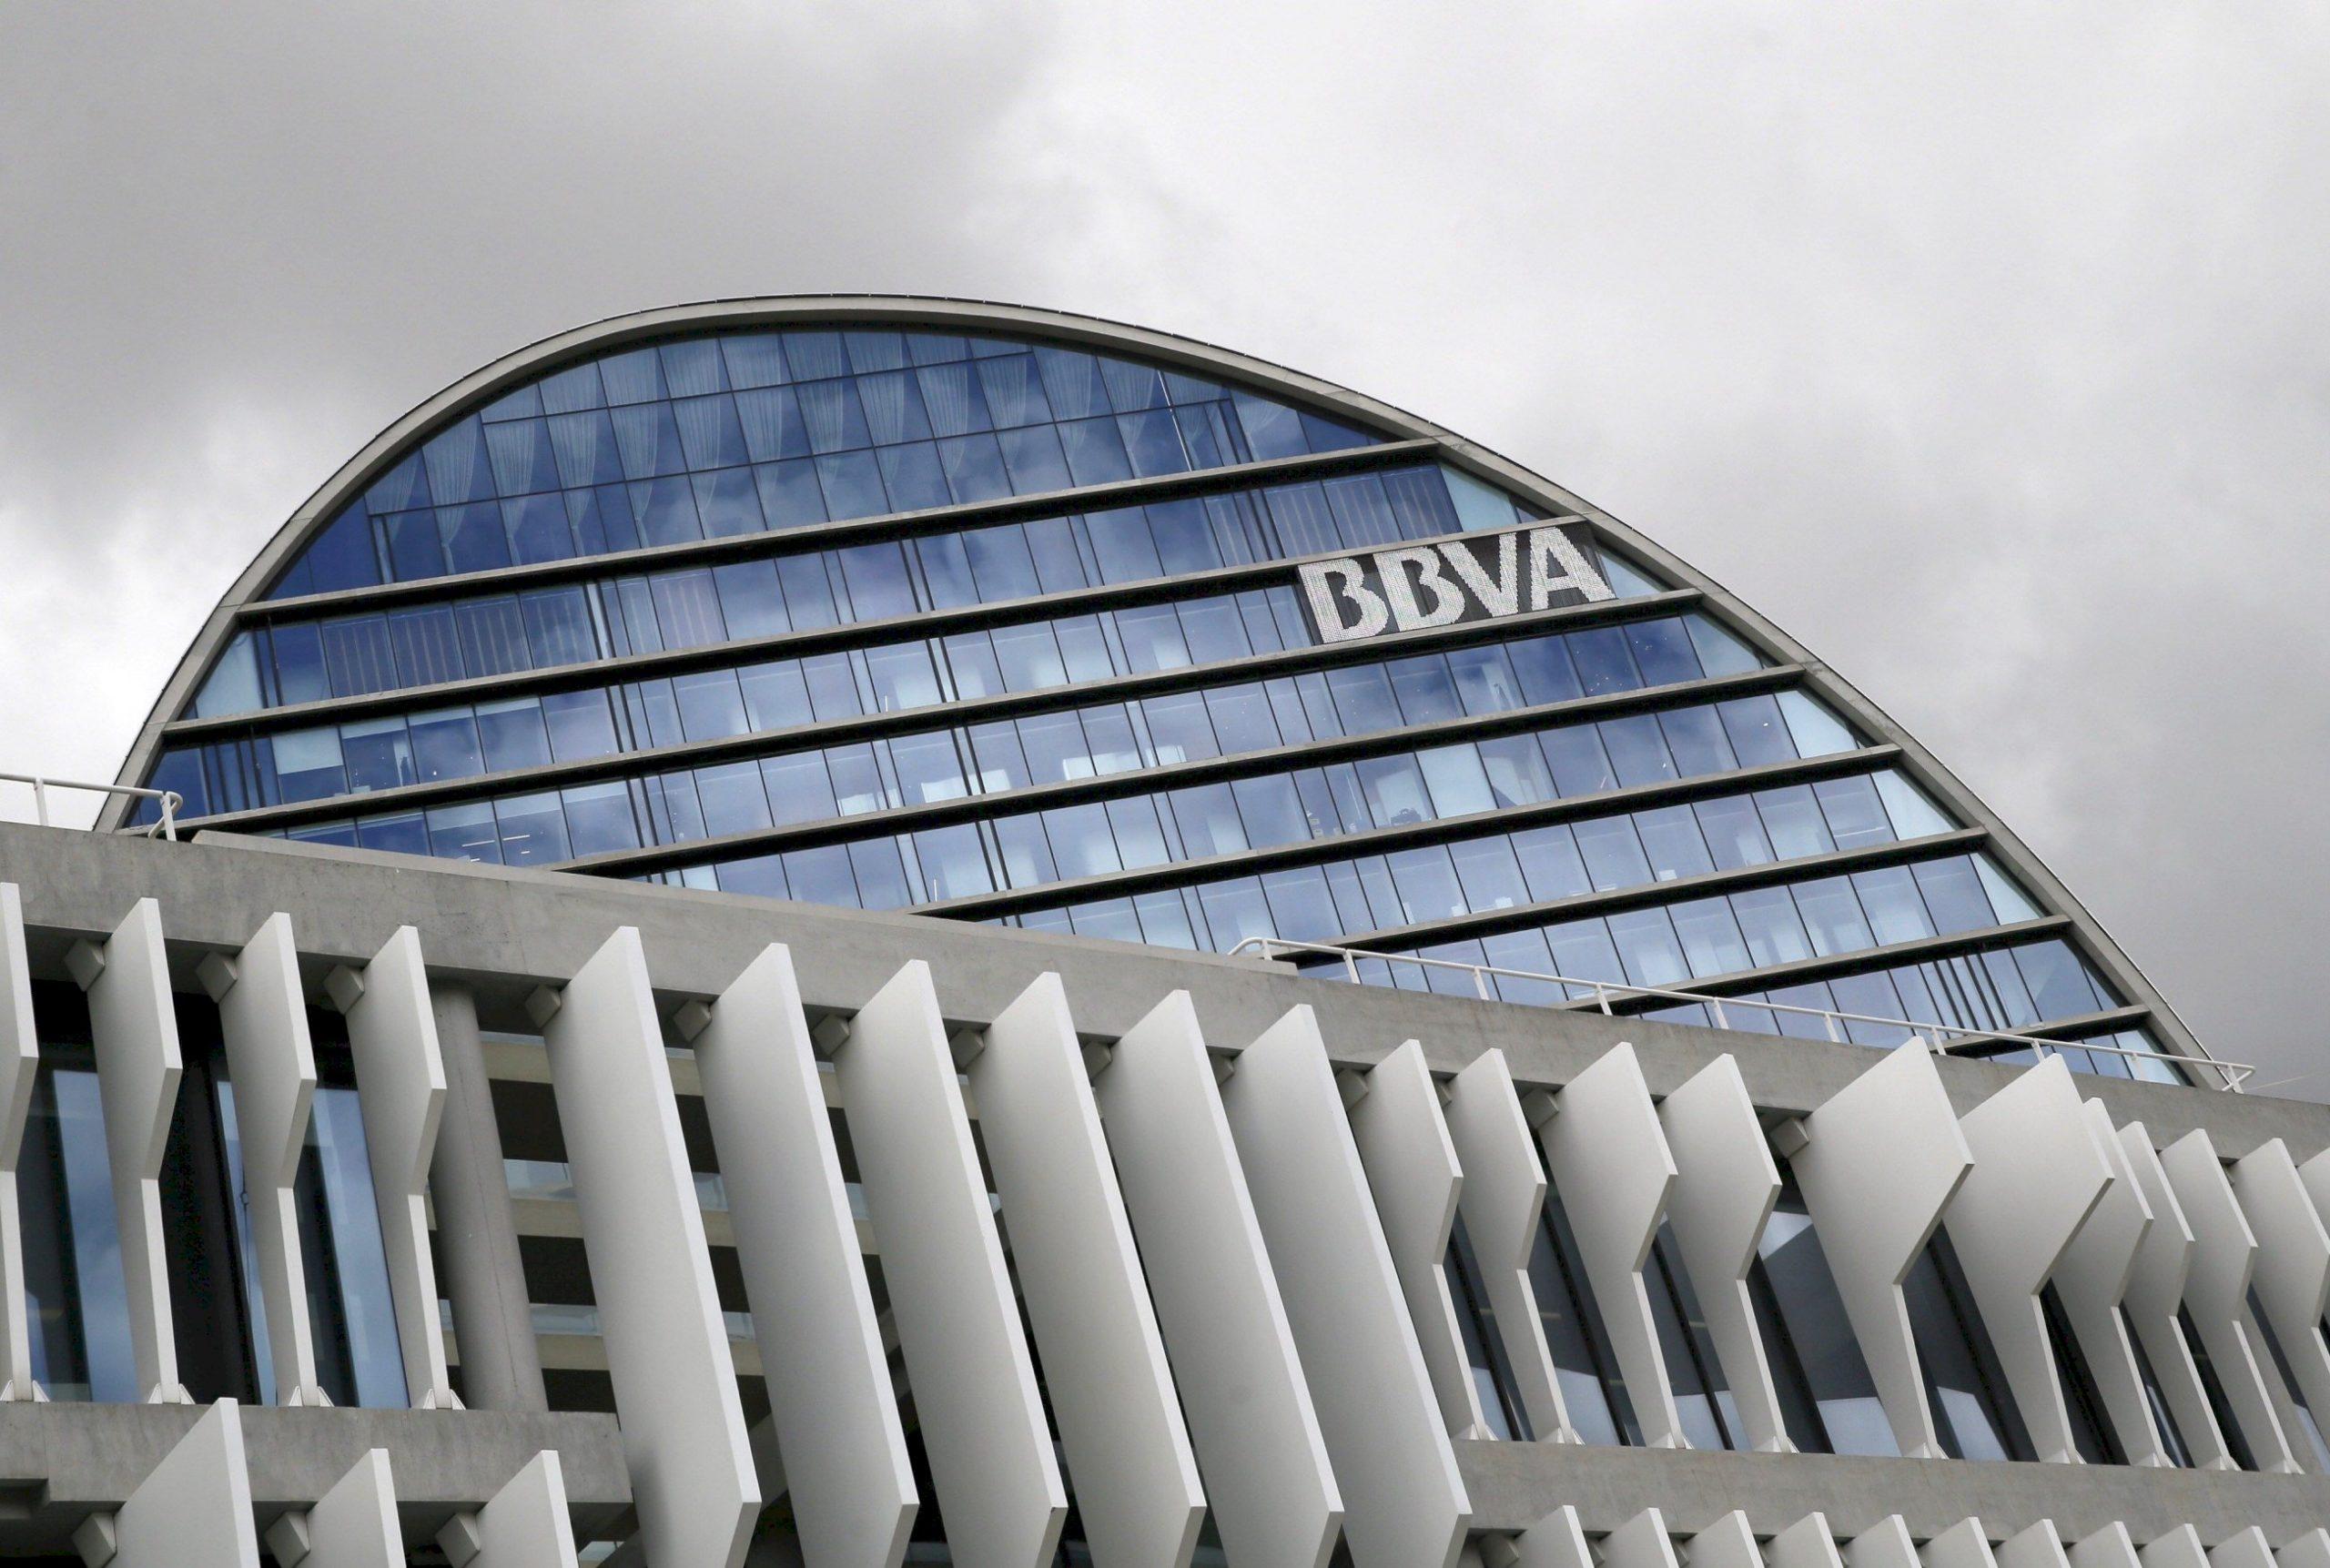 Finanzas personales: La banca dispara las comisiones de los clientes menos vinculados | Autor del artículo: Cristina Casillas